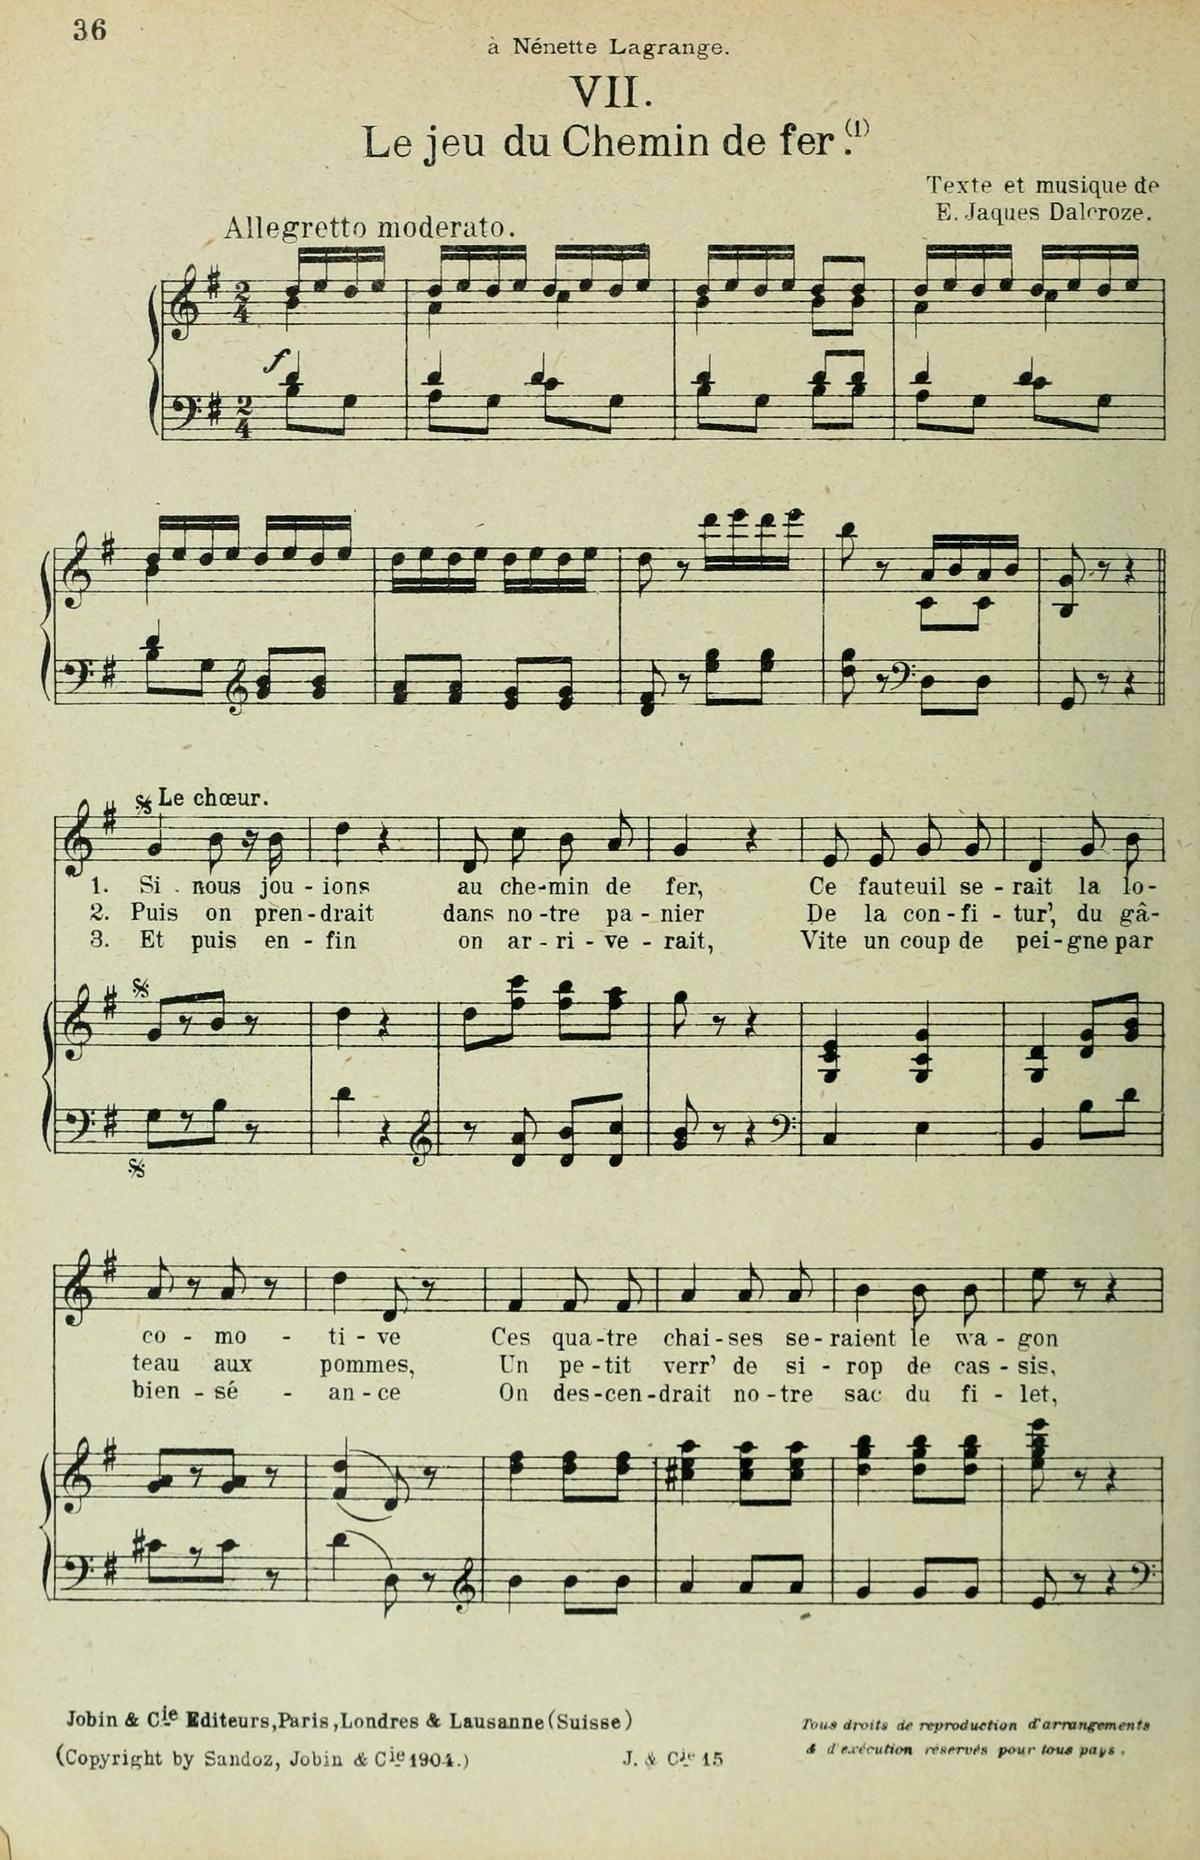 Extrait 1 de la partition publiée dans le recueil «<i>Chansons d'Enfants</i>», Op. 42